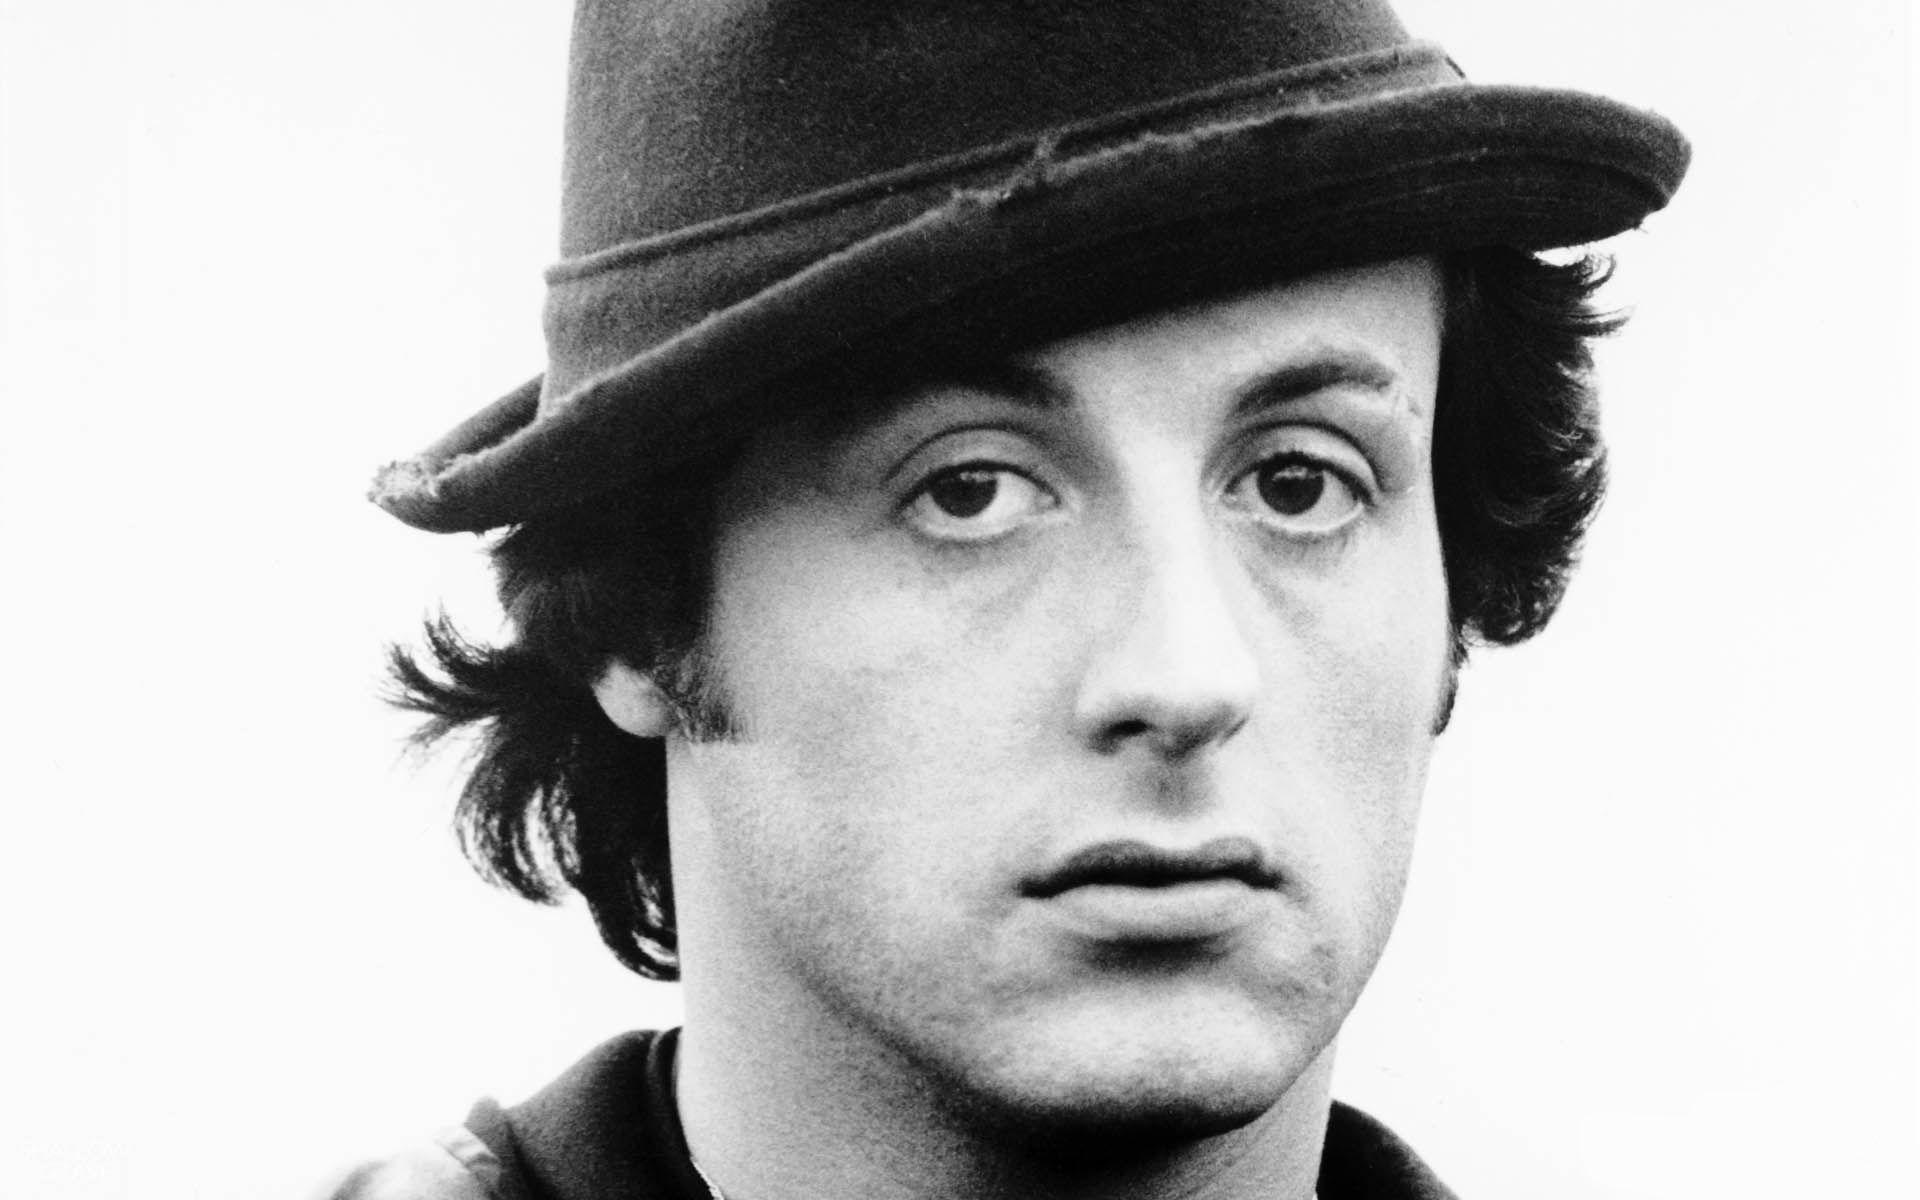 Sylvester Stallone tiene ascendencia italiana, ¿por parte de quién?